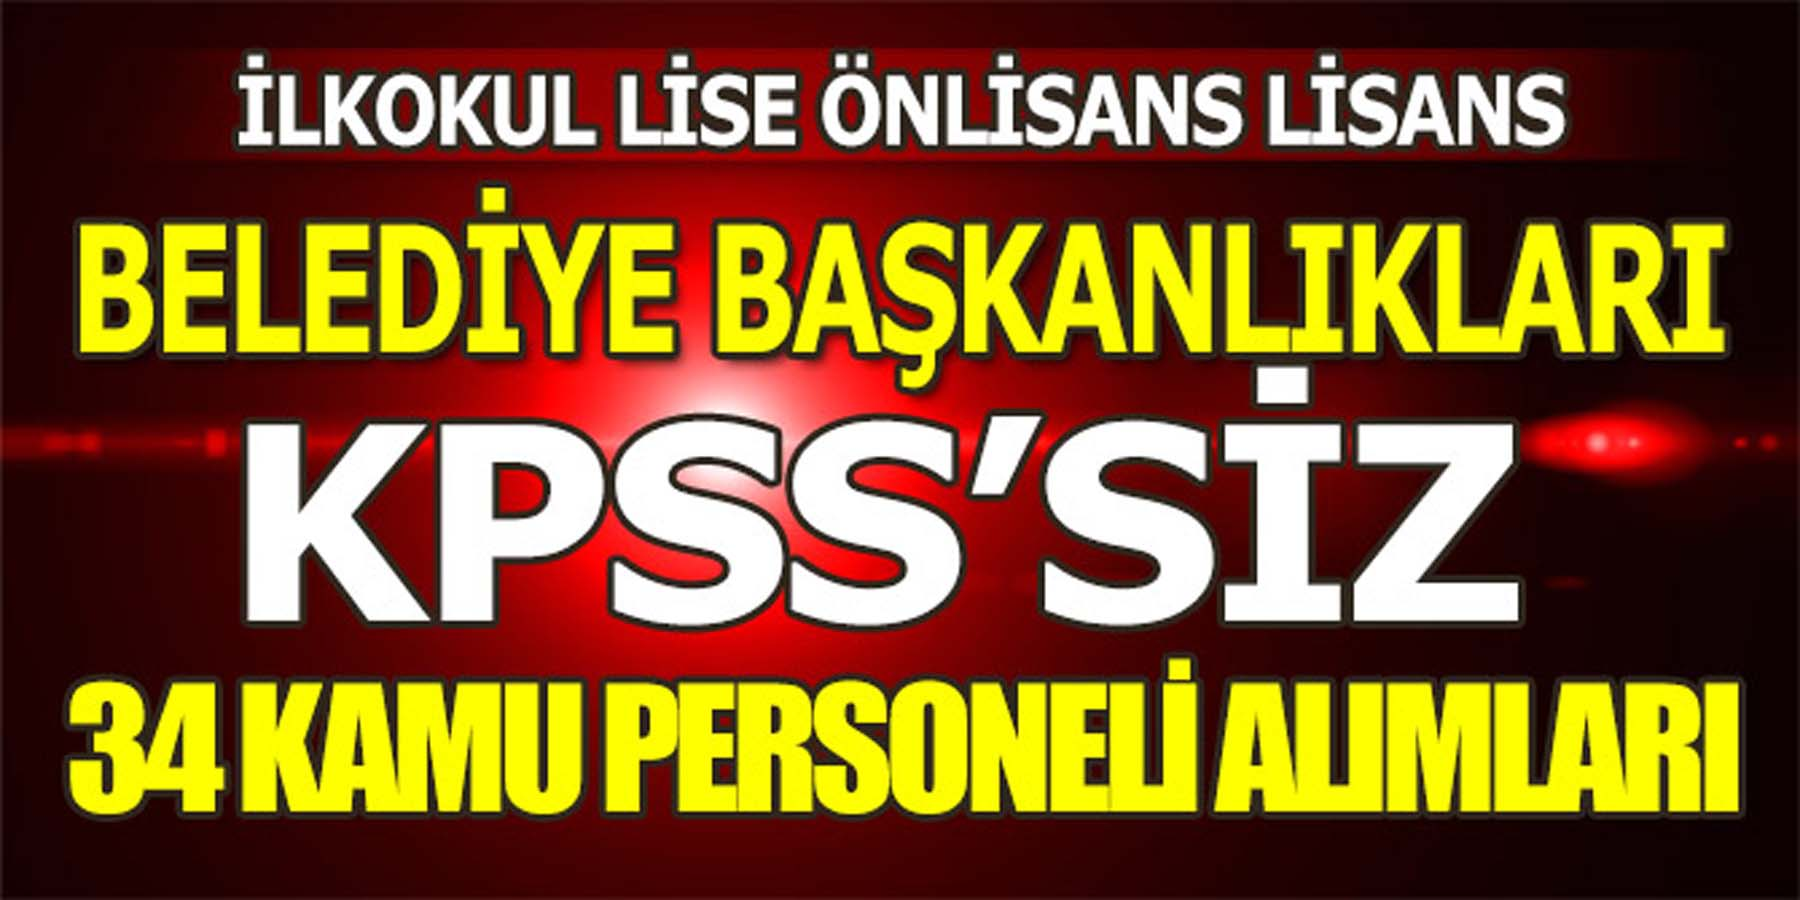 Belediye Başkanlıkları KPSS'siz 34 Kamu Personeli Alımı